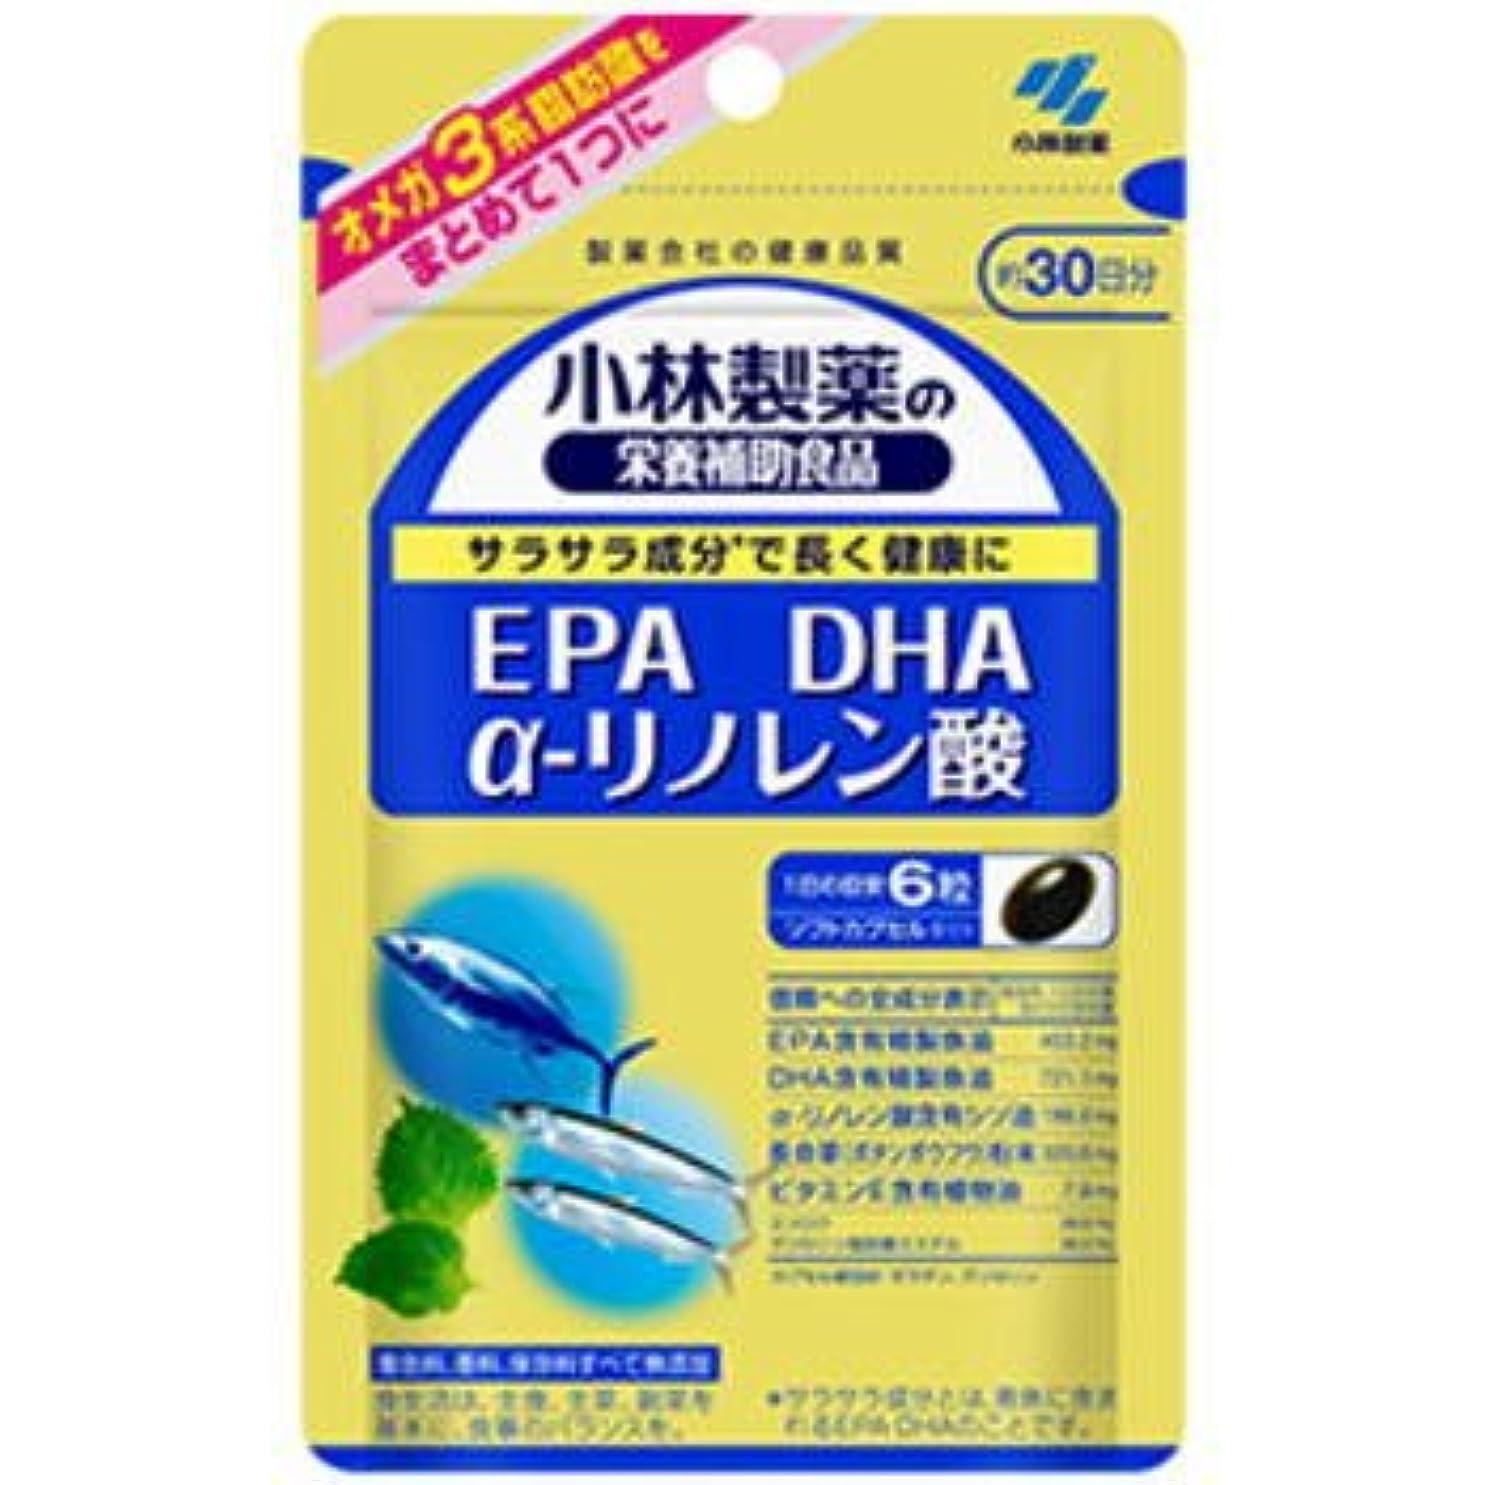 朝の体操をする収縮超えて小林製薬 EPA DHA α-リノレン酸 180粒×3個セット【ネコポス発送】